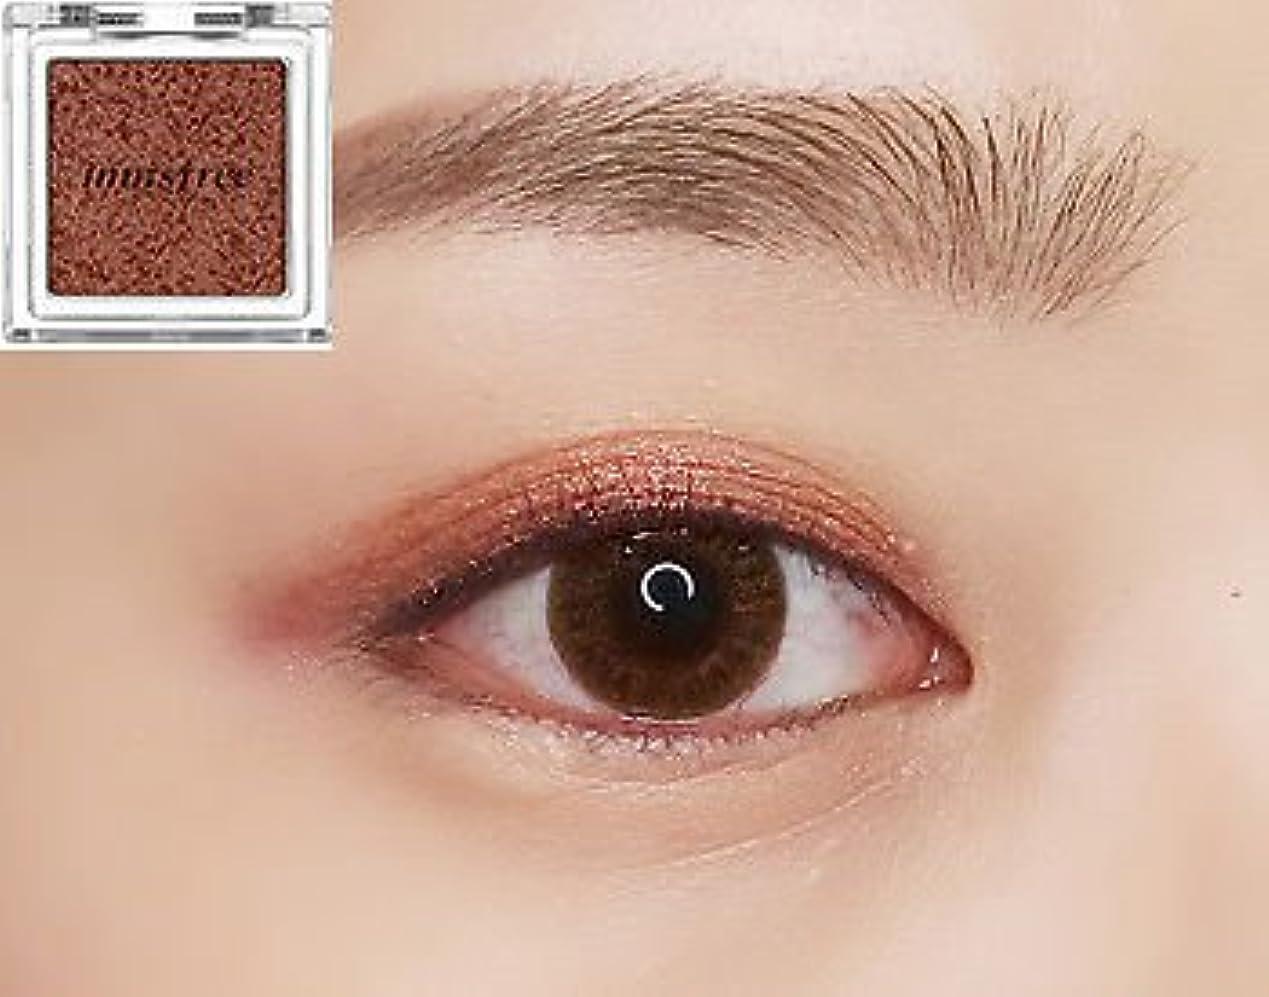 タンク倉庫オンス[イニスフリー] innisfree [マイ パレット マイ アイシャドウ (グリッタ一) 25カラー] MY PALETTE My Eyeshadow (Glitter) 25 Shades [海外直送品] (グリッタ...